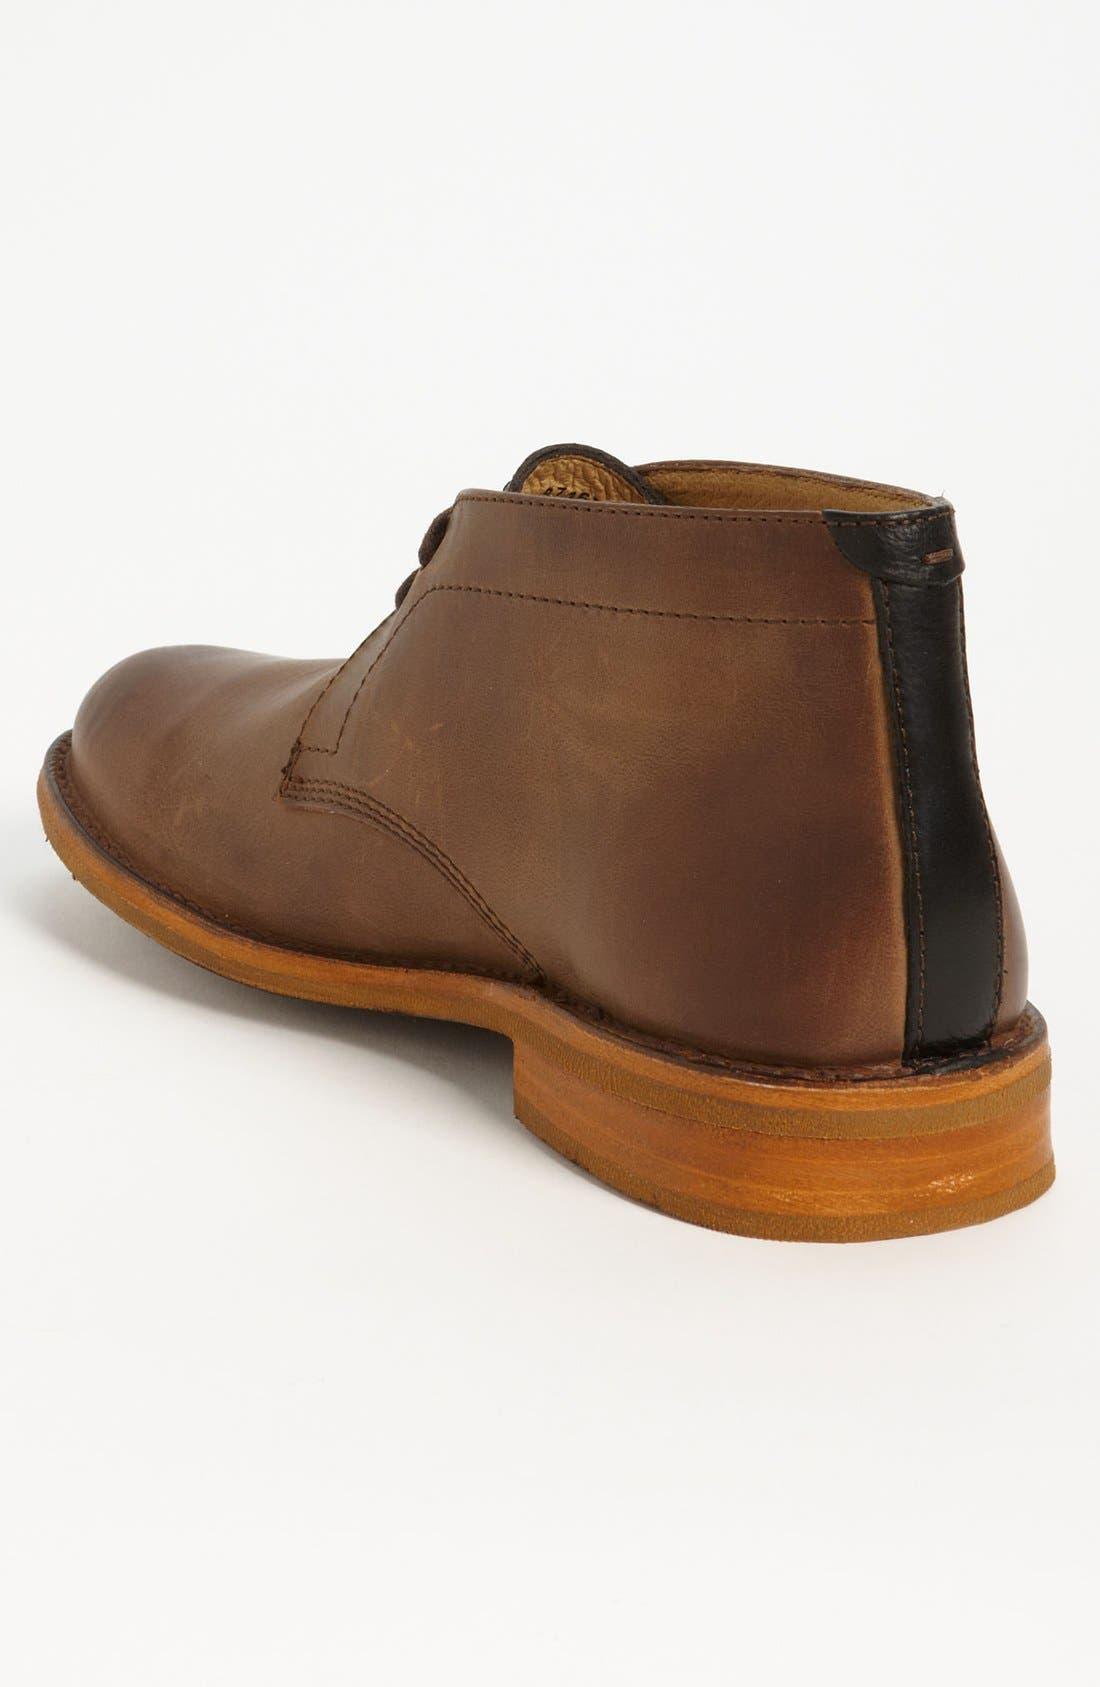 Alternate Image 2  - Frye 'Willard' Chukka Boot